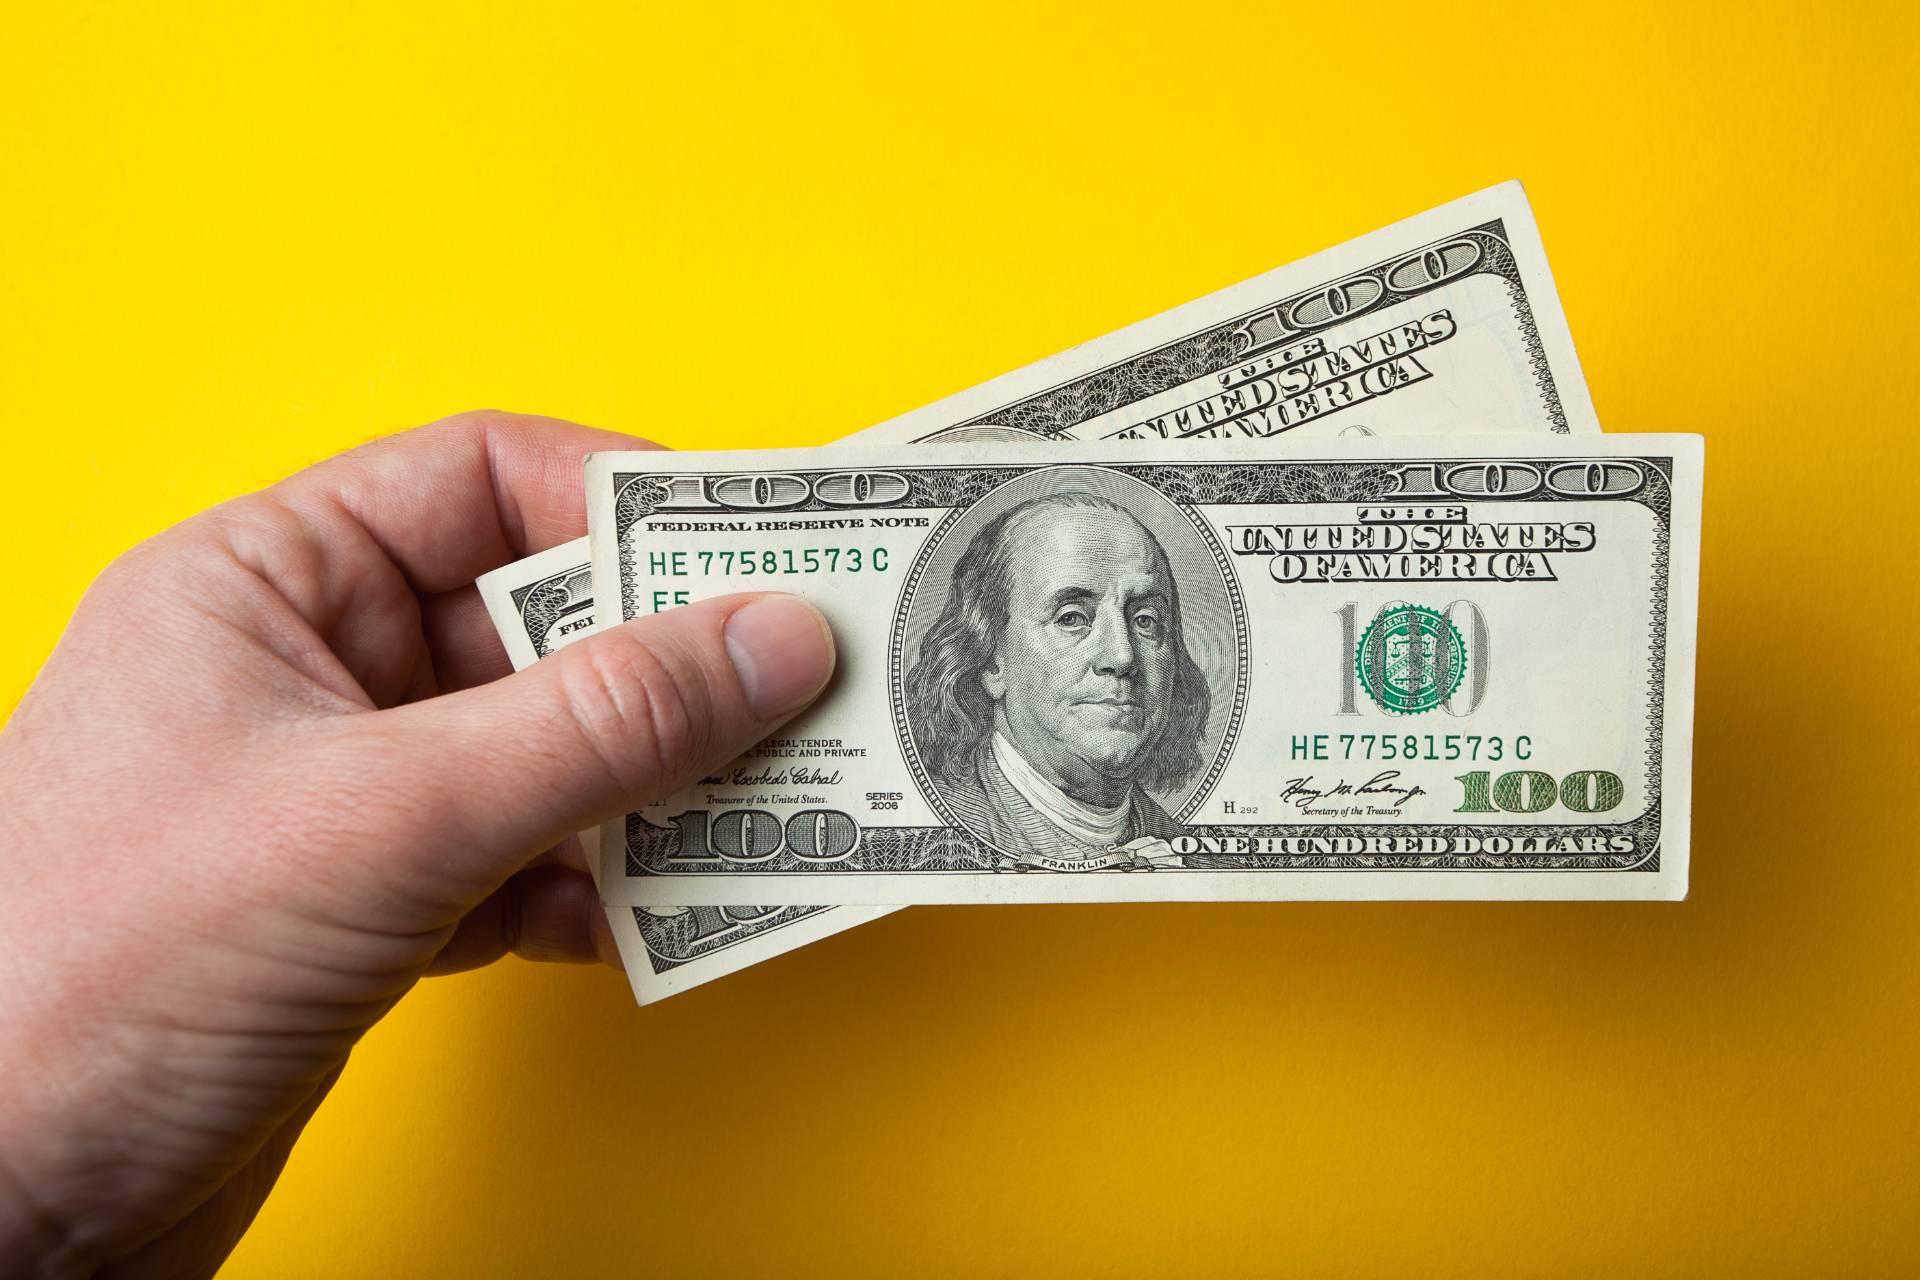 Валютный инцидент: какой минимум рискует обновить доллар и когда на рынке наступит час икс